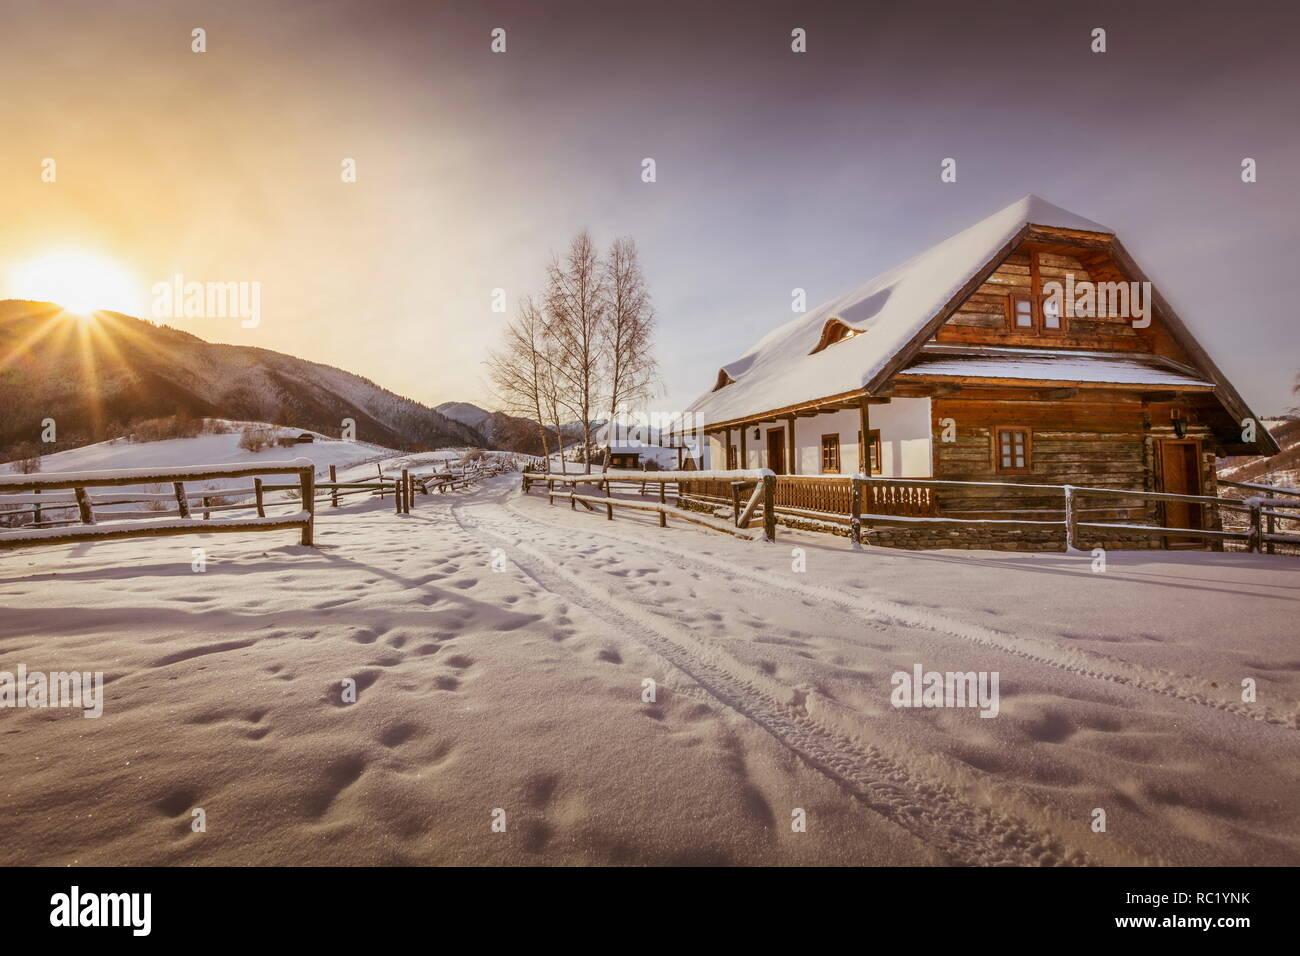 Escena de invierno hermoso paisaje al atardecer - gran winterscape papel tapiz de Poiana Brasov Rumania Foto de stock